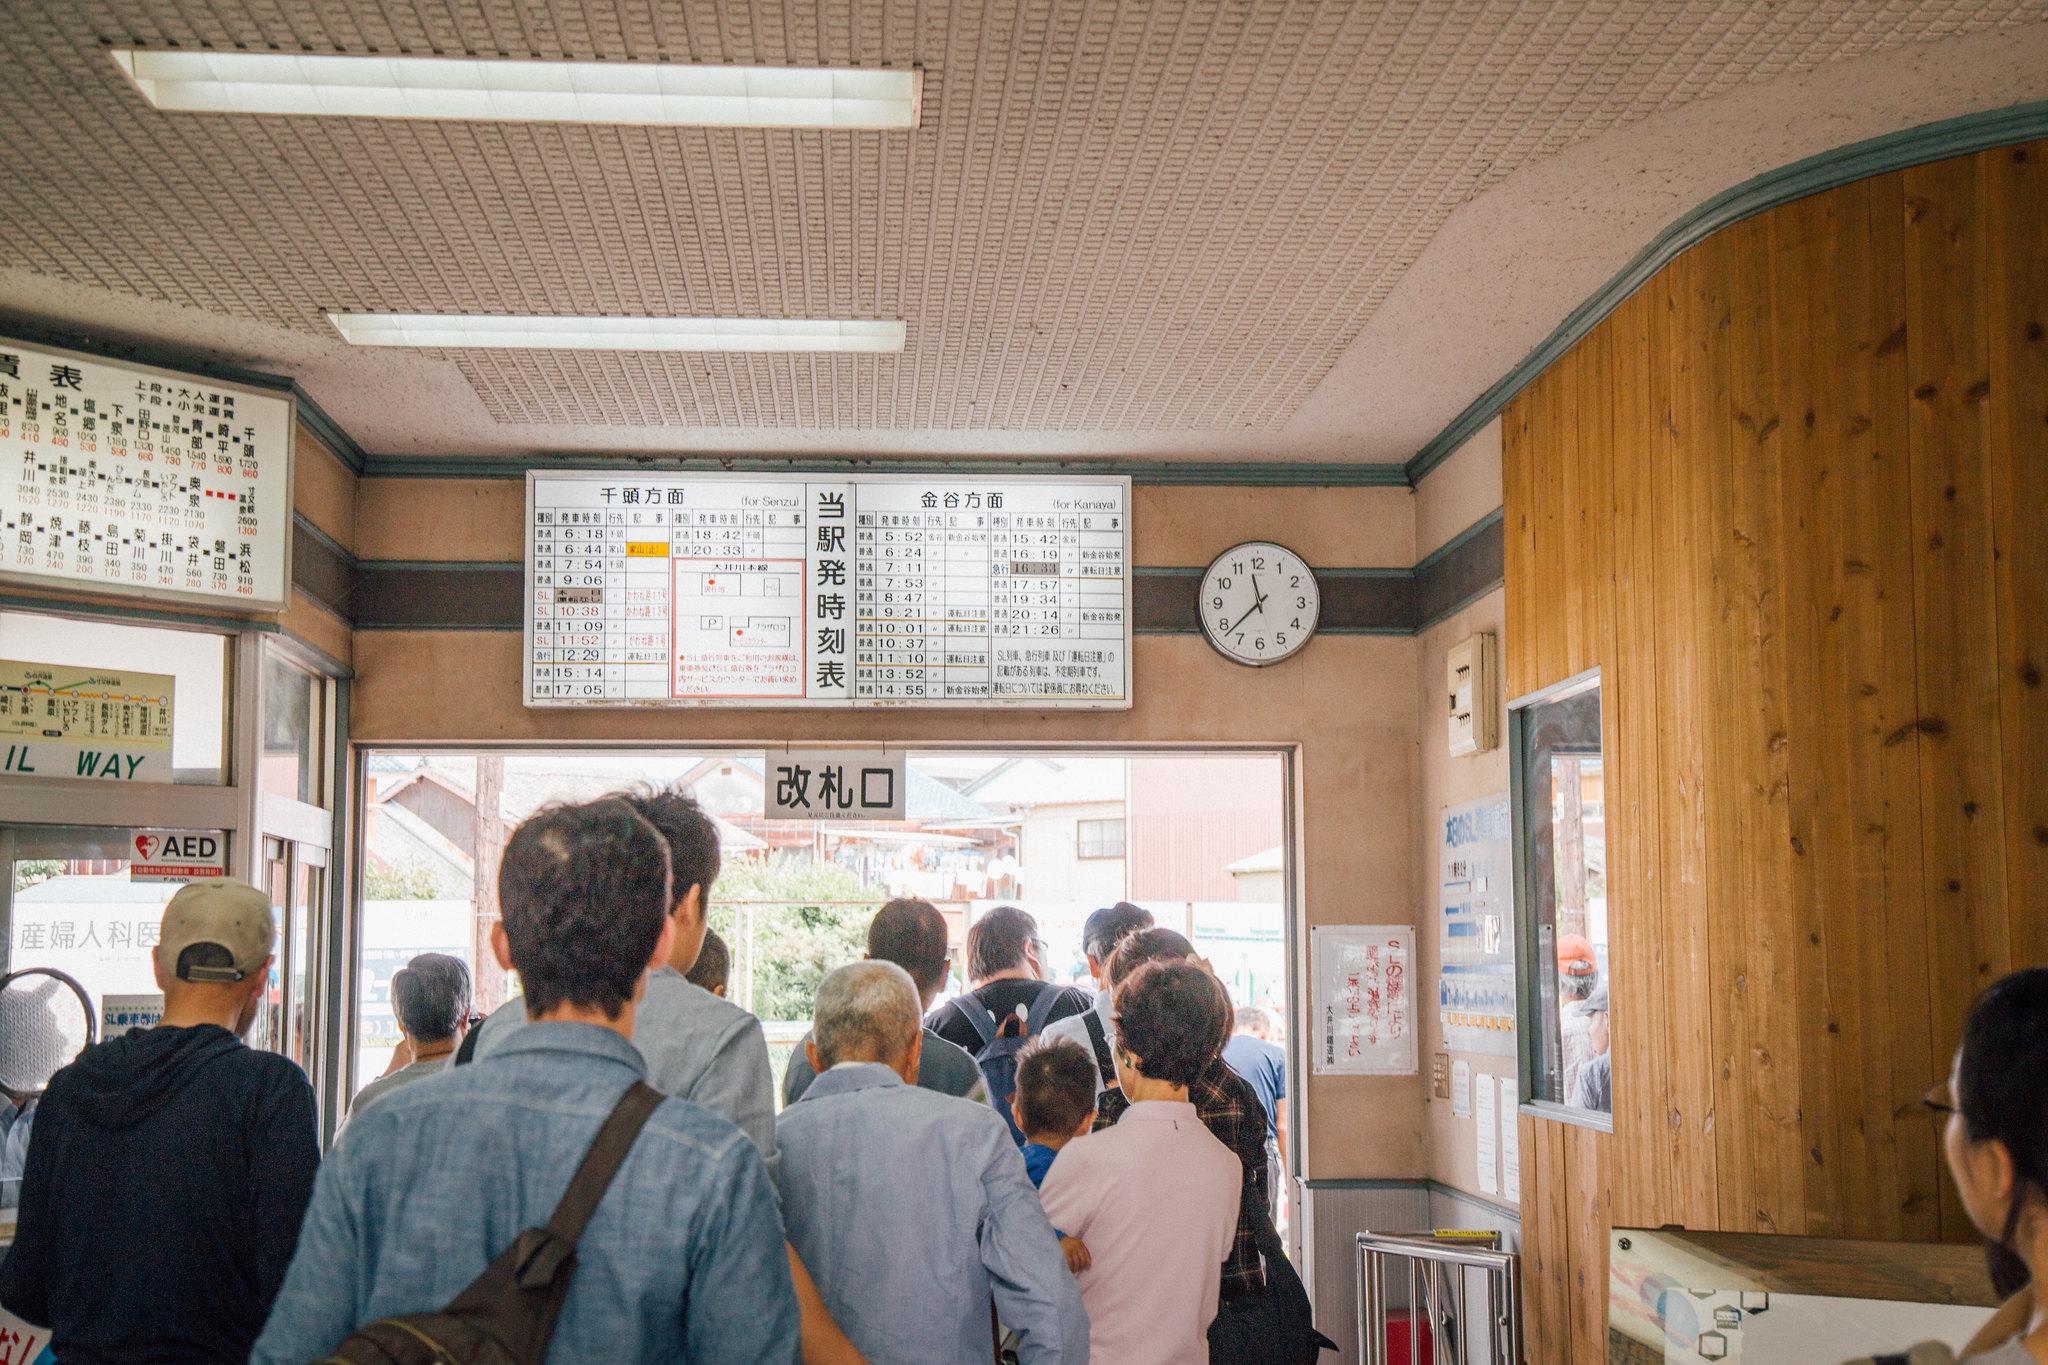 2014-09-26 大井川鉄道 009